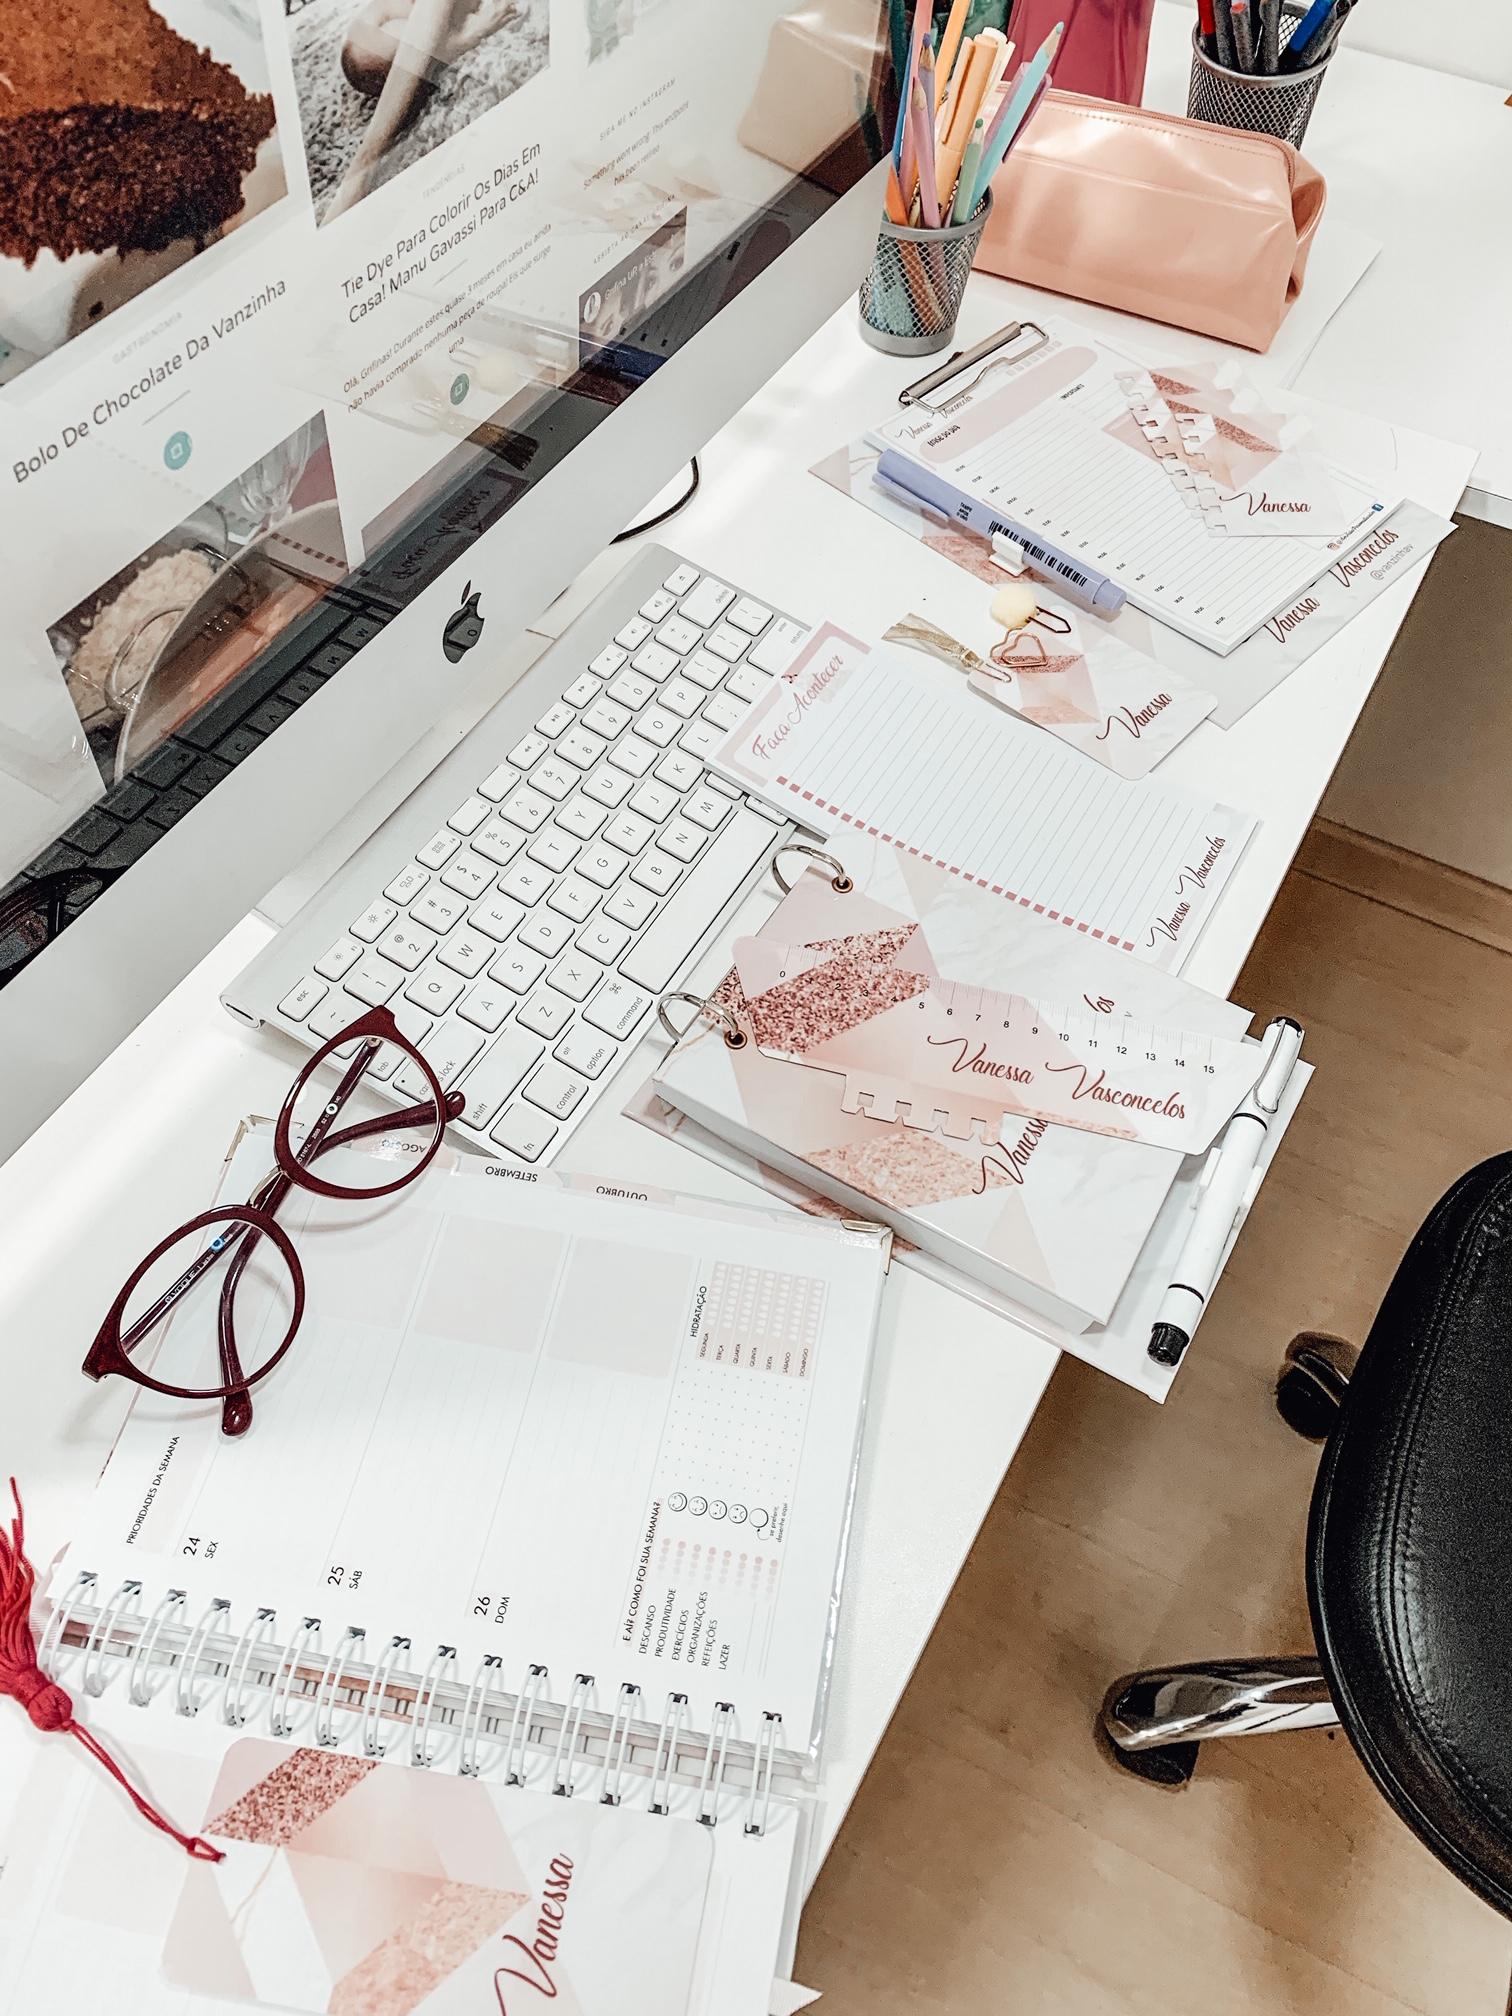 Morartes aposta em Planners e papelaria personalizados 7